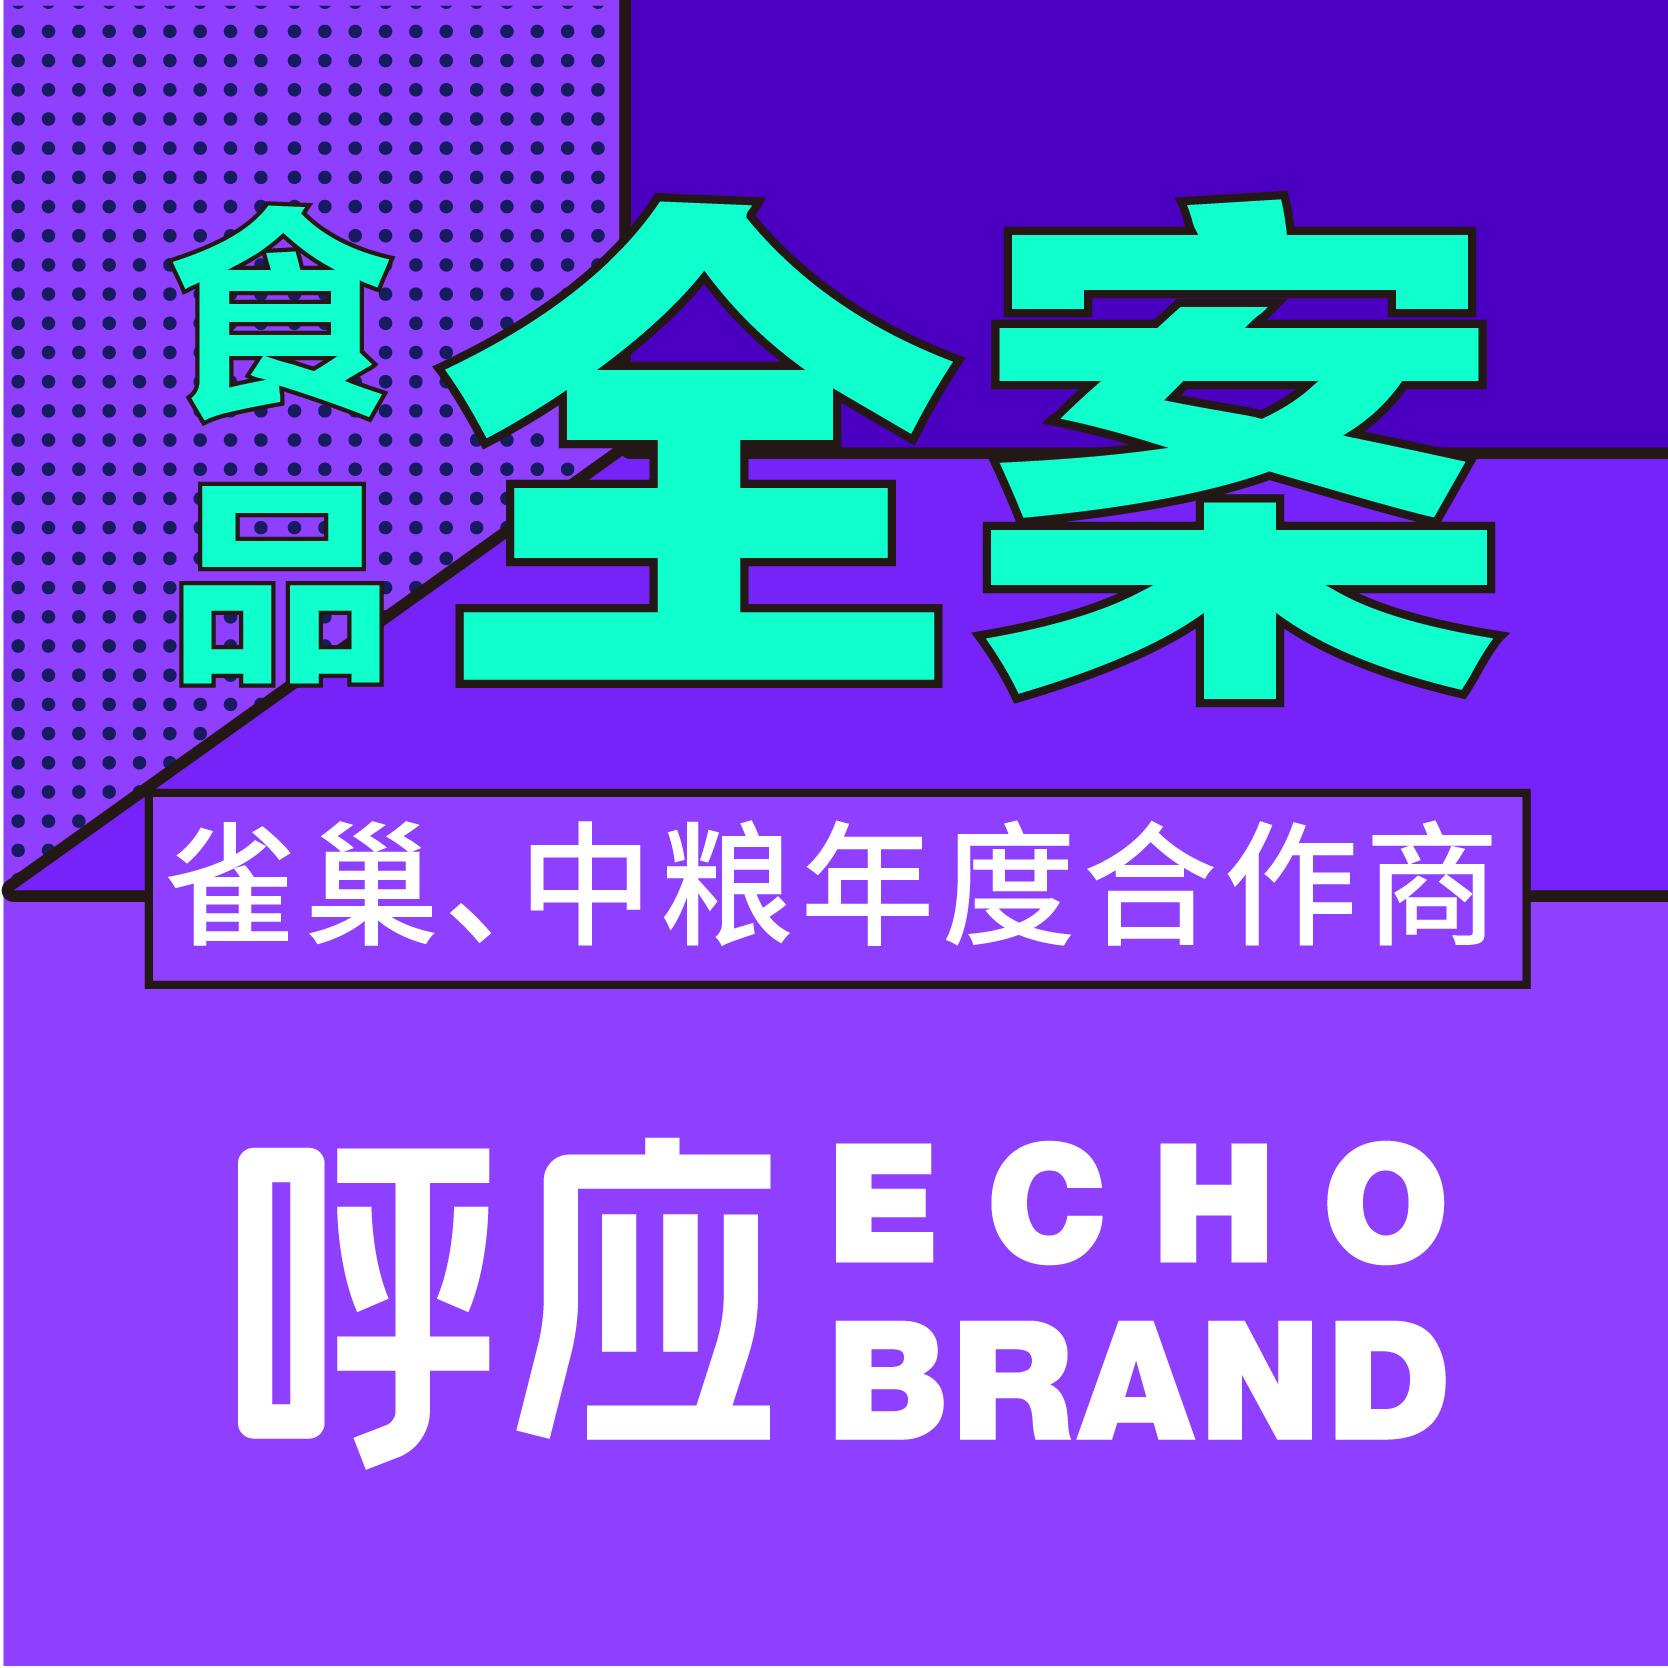 品牌全案策划母婴食品乳制品农产品茶饮宠物用品化妆品文案策划